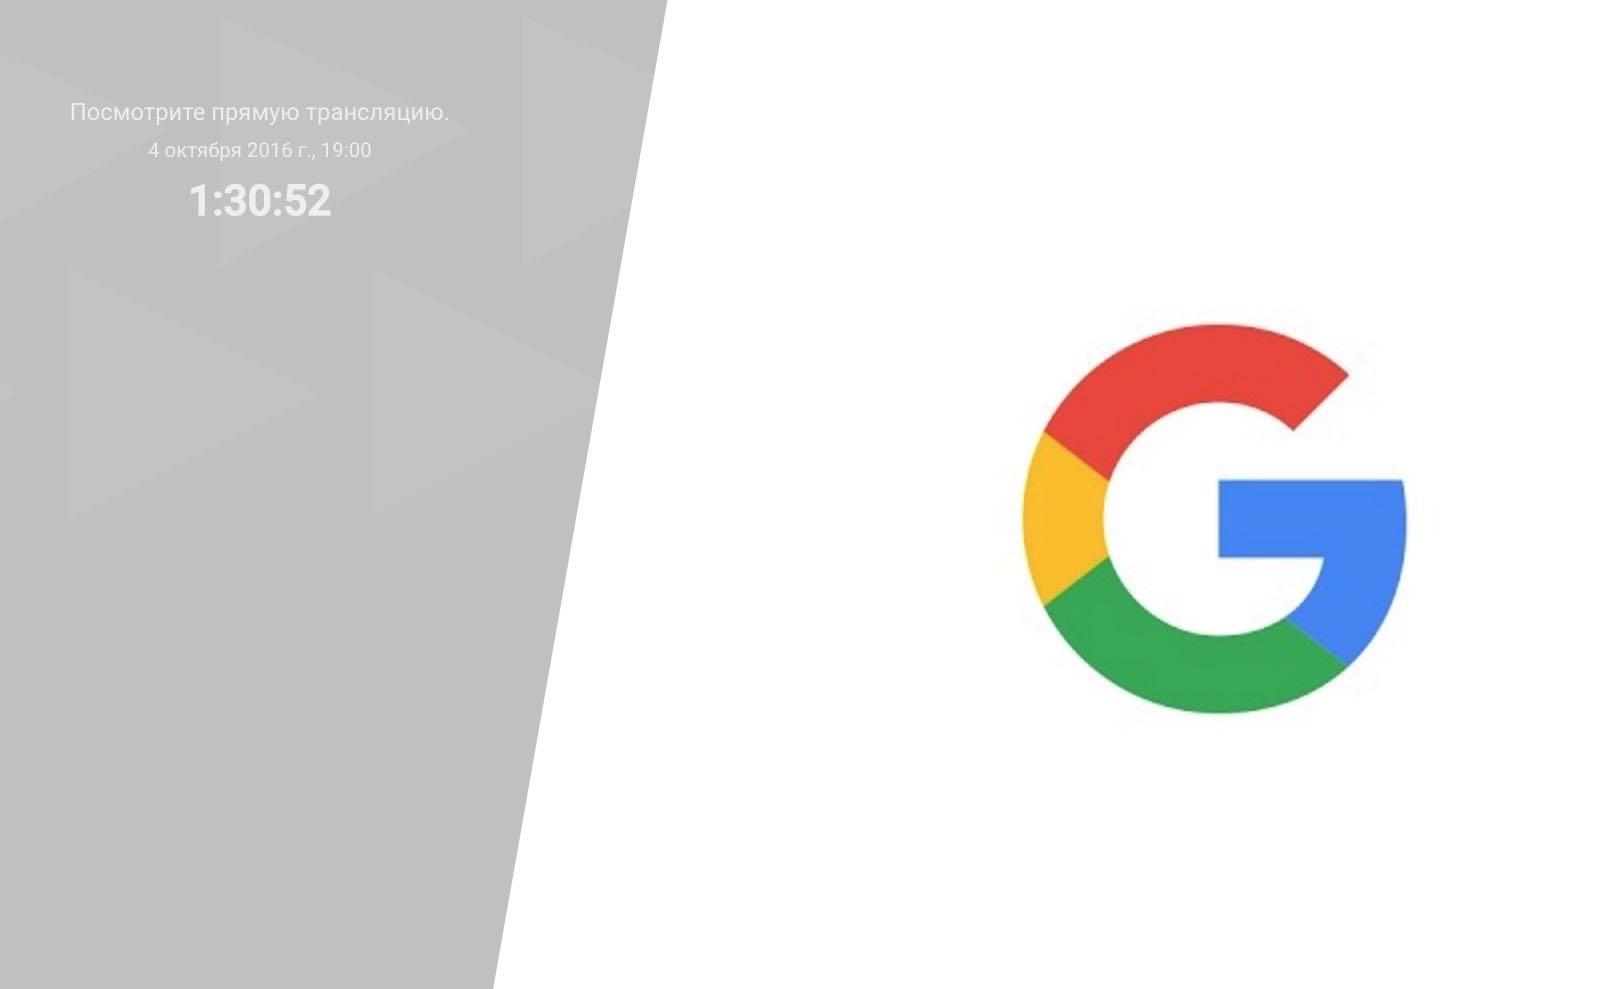 Google Pixel Pixel XL Event